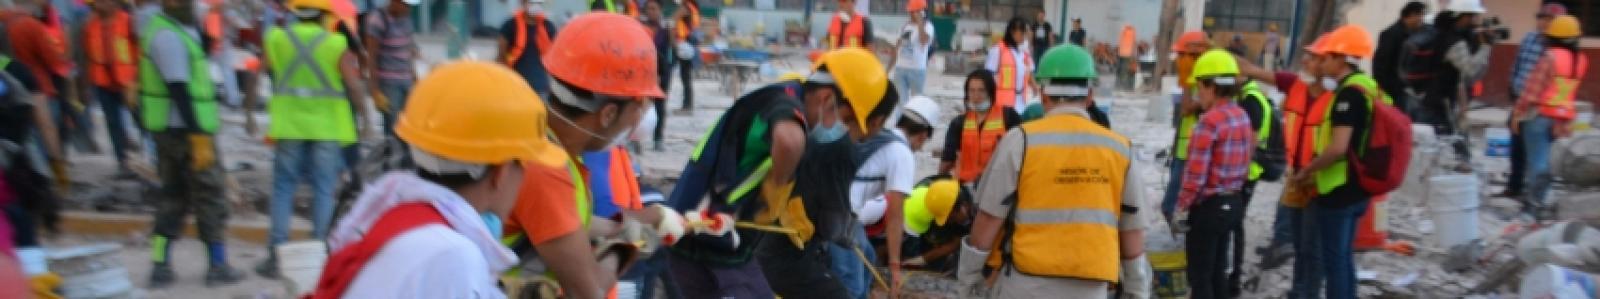 Labores voluntarias en uno de los edificio colapsados a causa del sismo en la Ciudad de México.